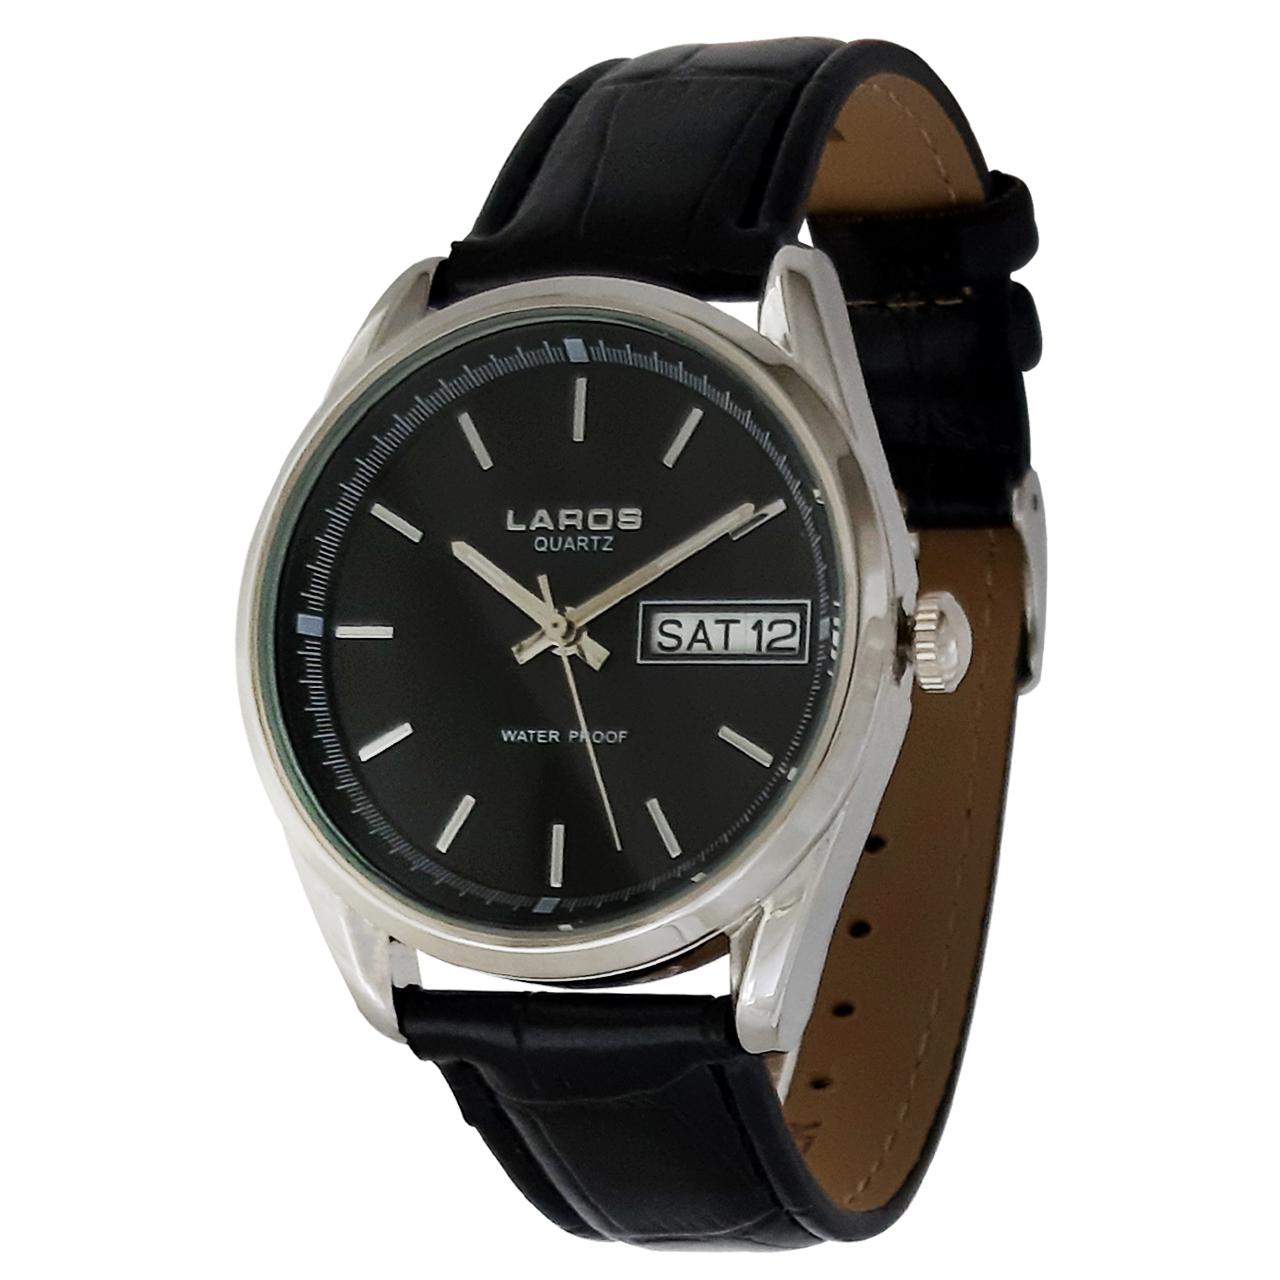 ساعت مچی عقربه ای مردانه لاروس مدل 1117-80127-s-dd به همراه دستمال مخصوص برند کلین واچ